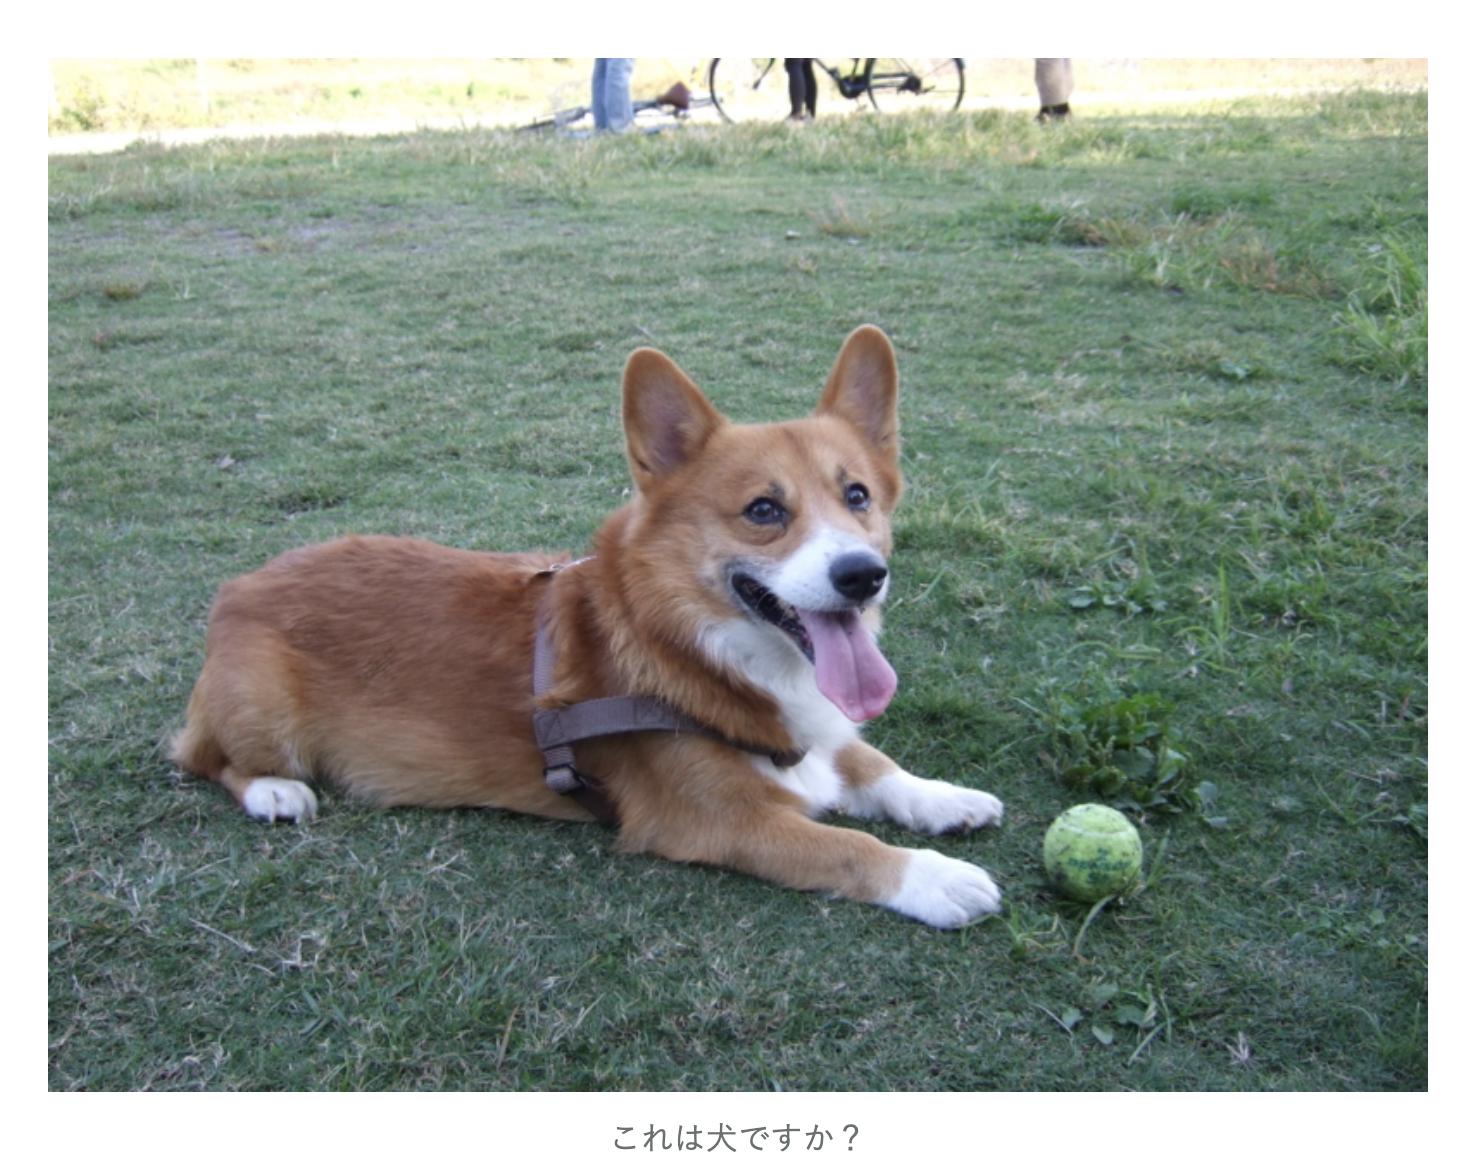 犬の画像を貼り付けた記事のスクリーンショット